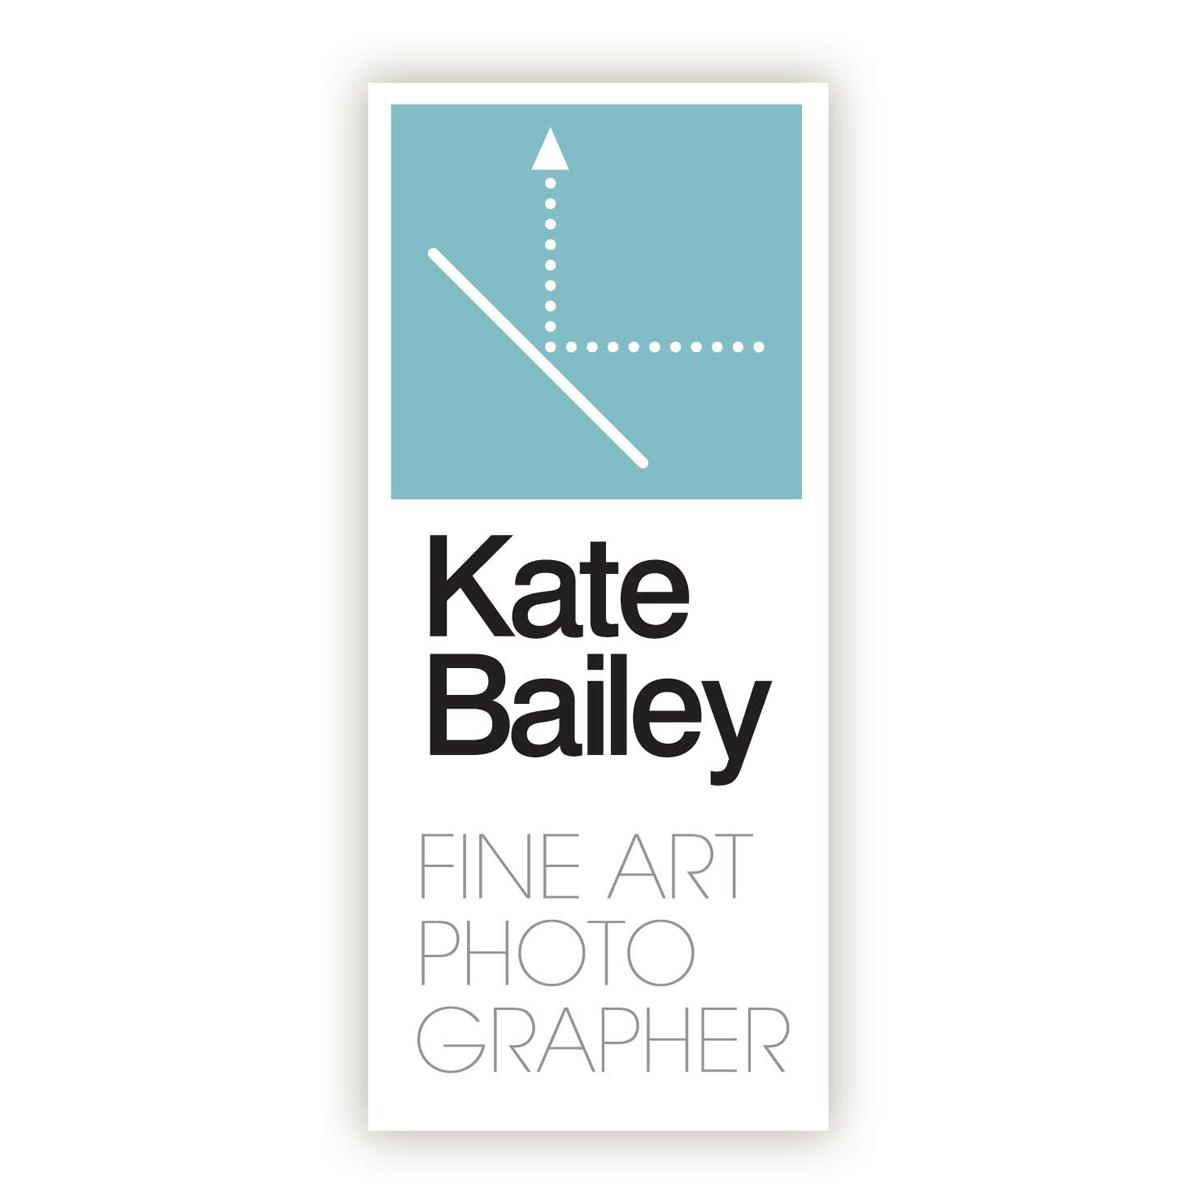 KateBailey-Logo-Square.jpg